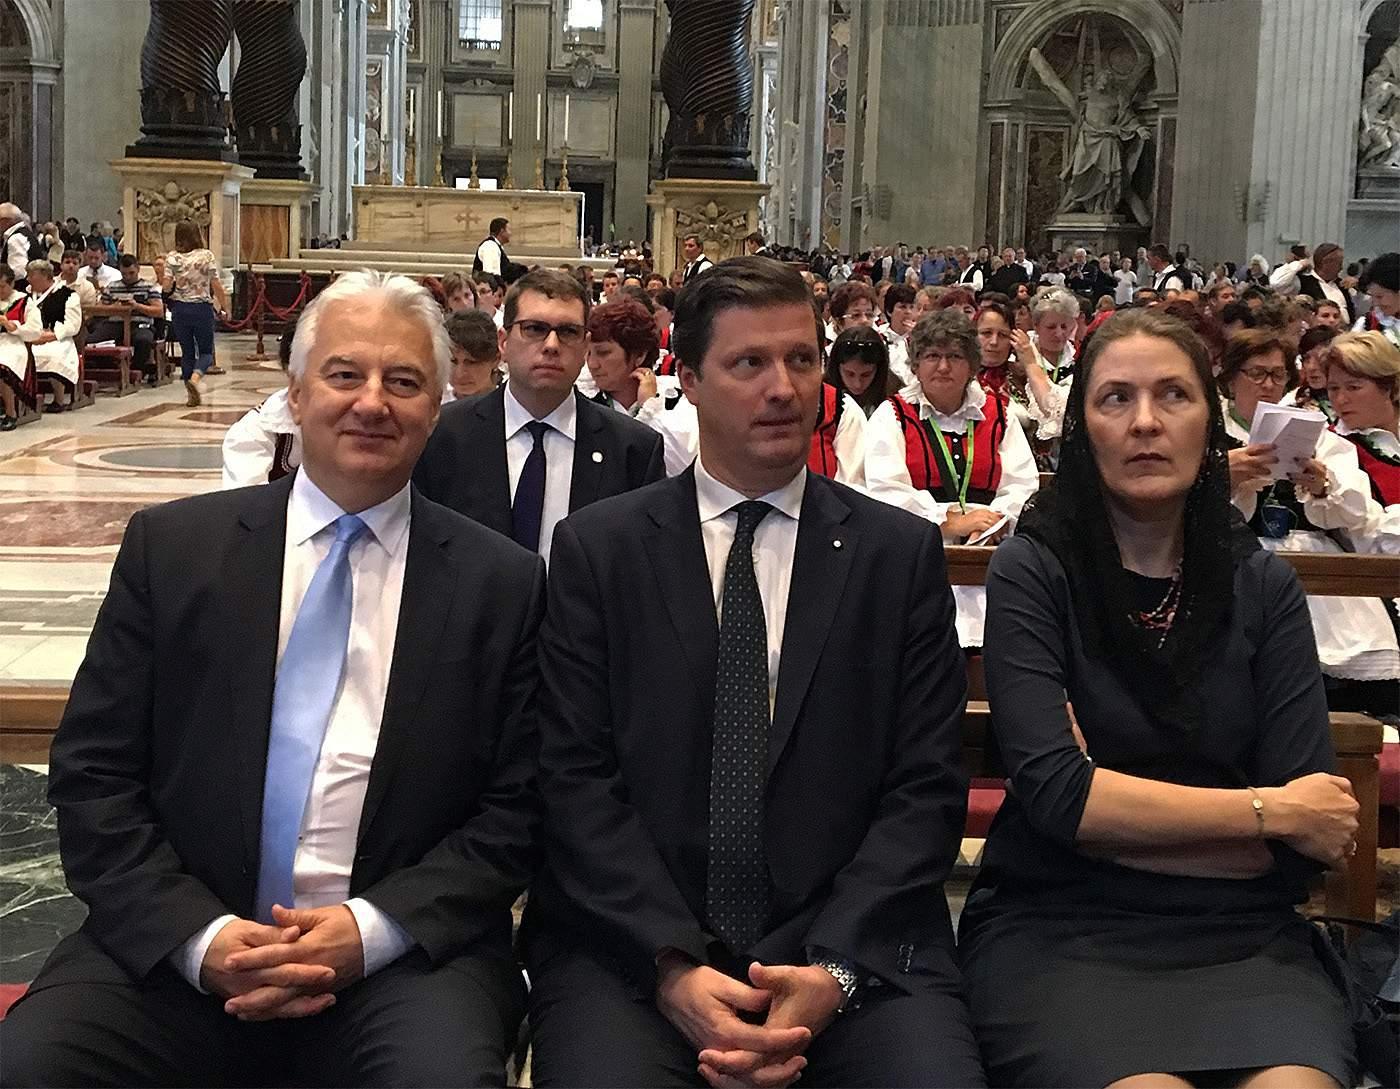 Deputy PM in Vatican